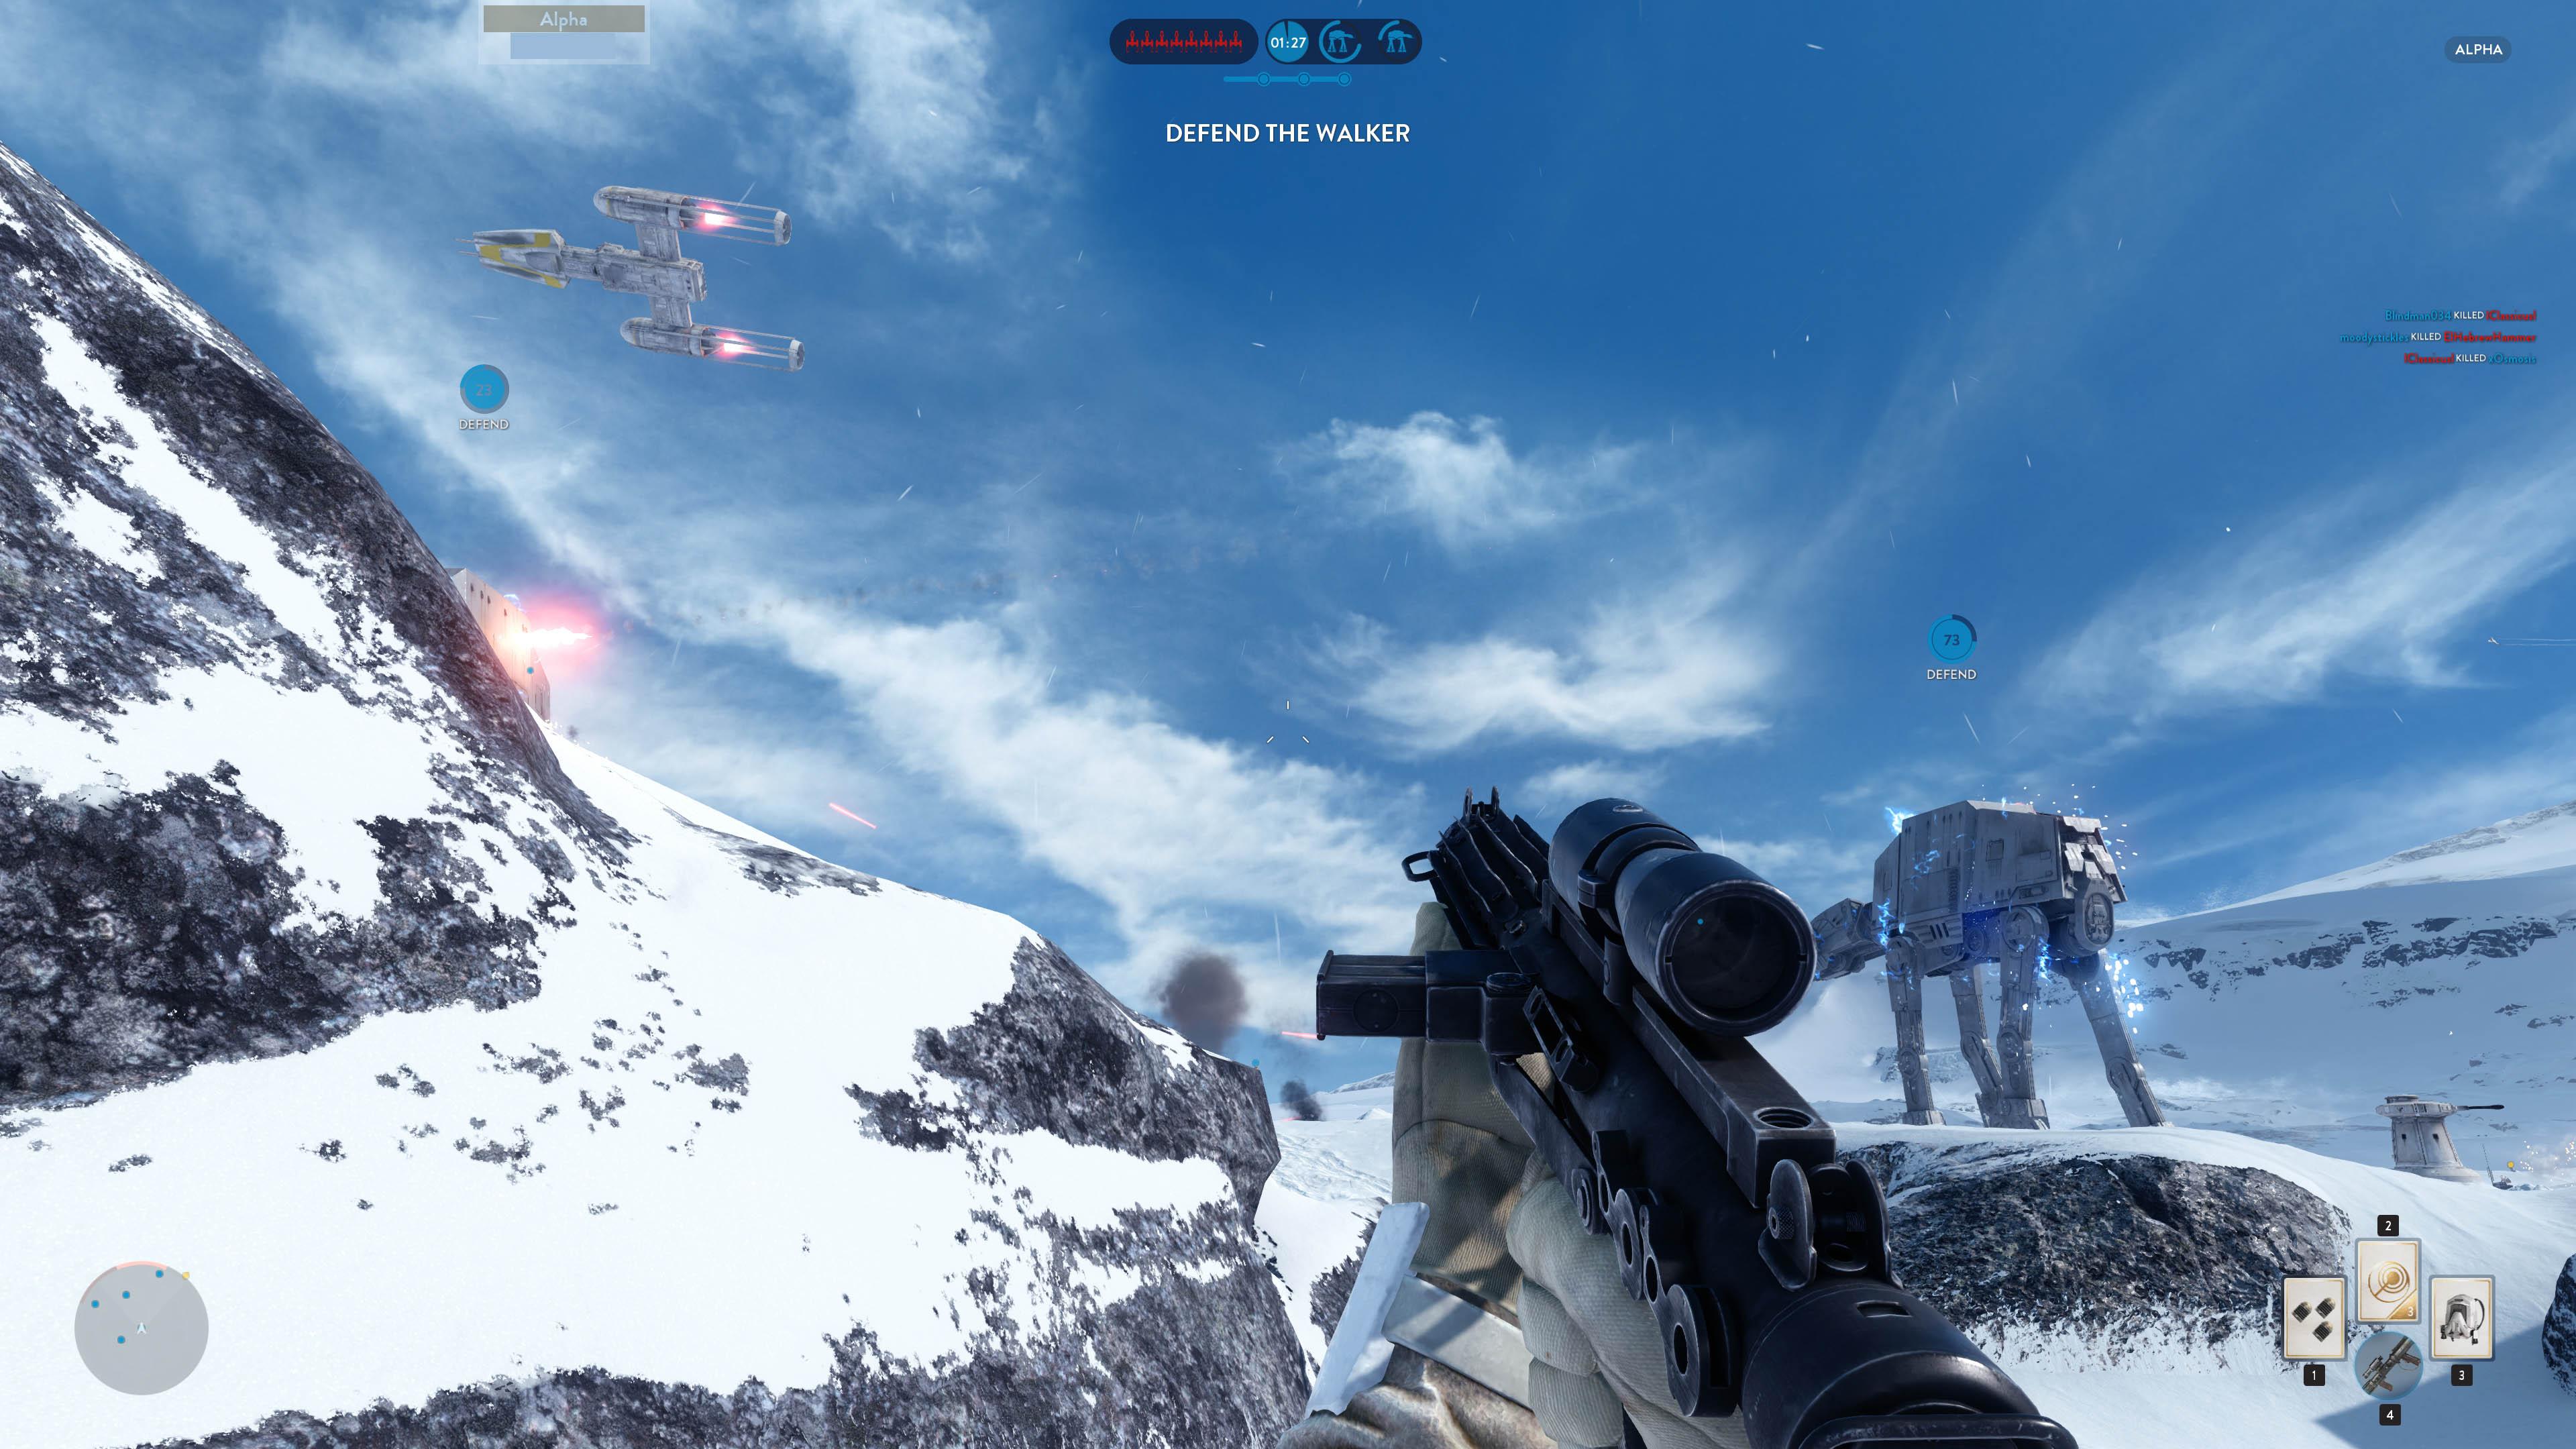 Star Wars: Battlefront 4K